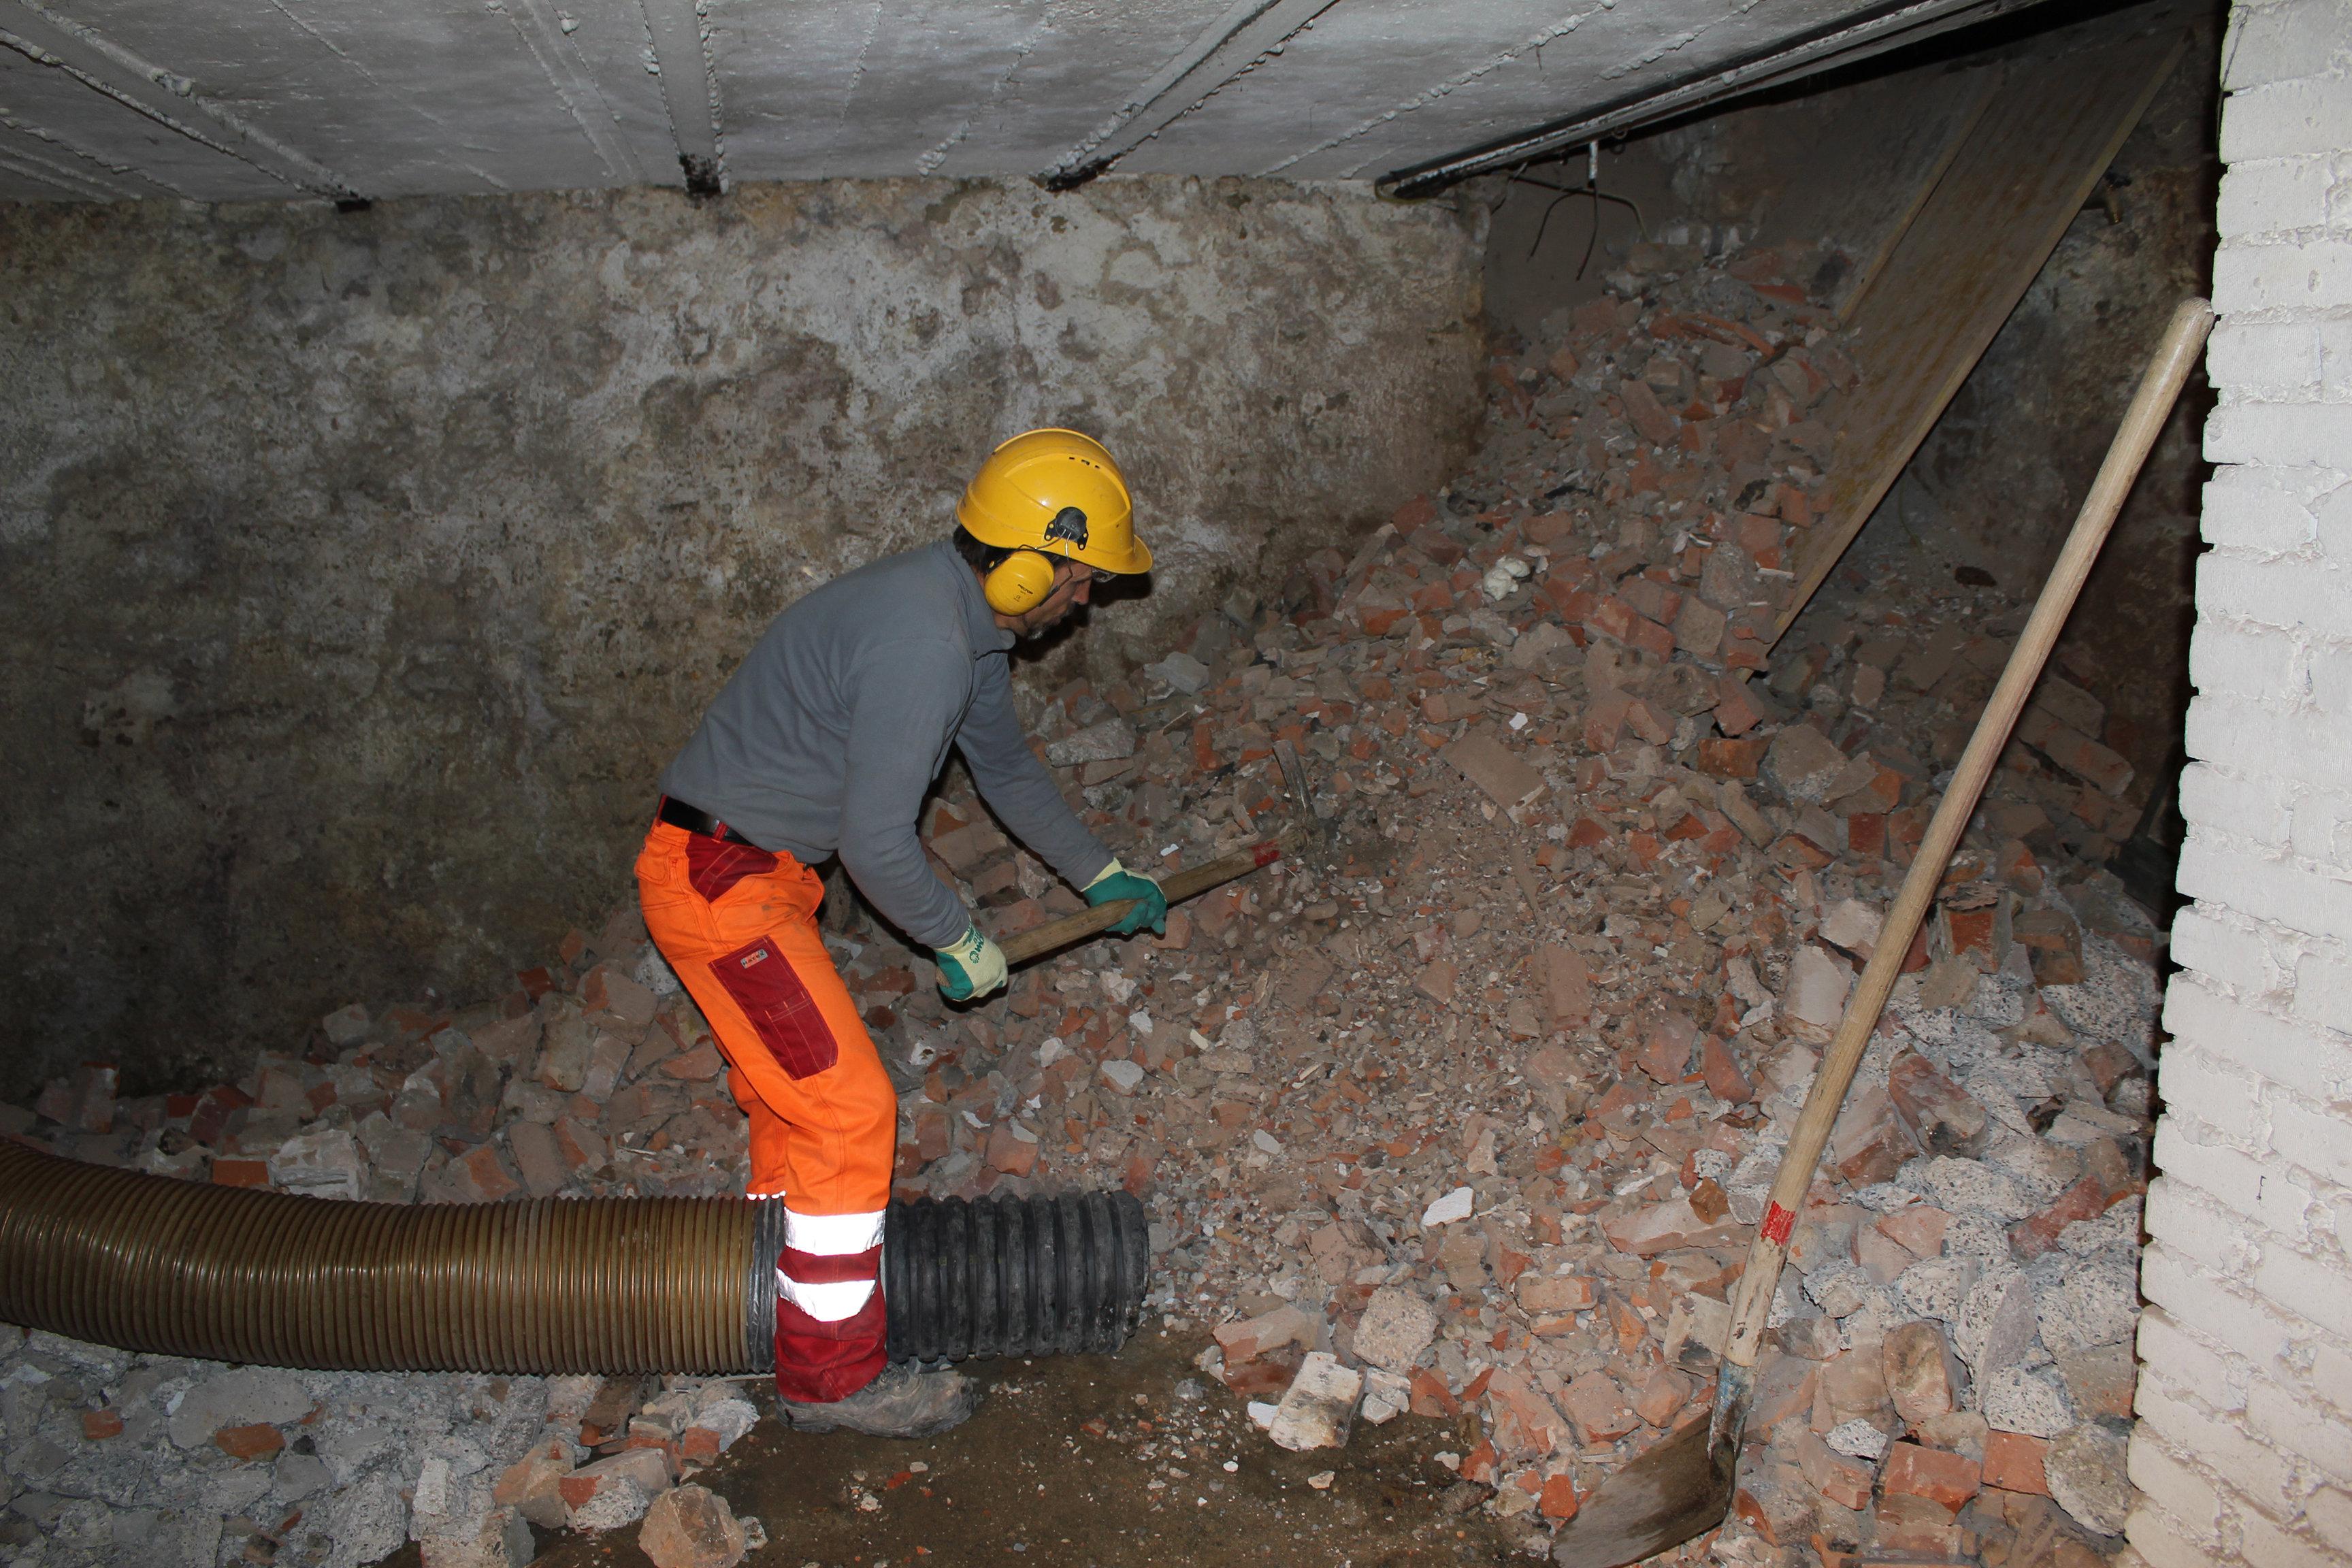 Saugbagger, Arbeiter befördert Bauschutt zum Saugrohr